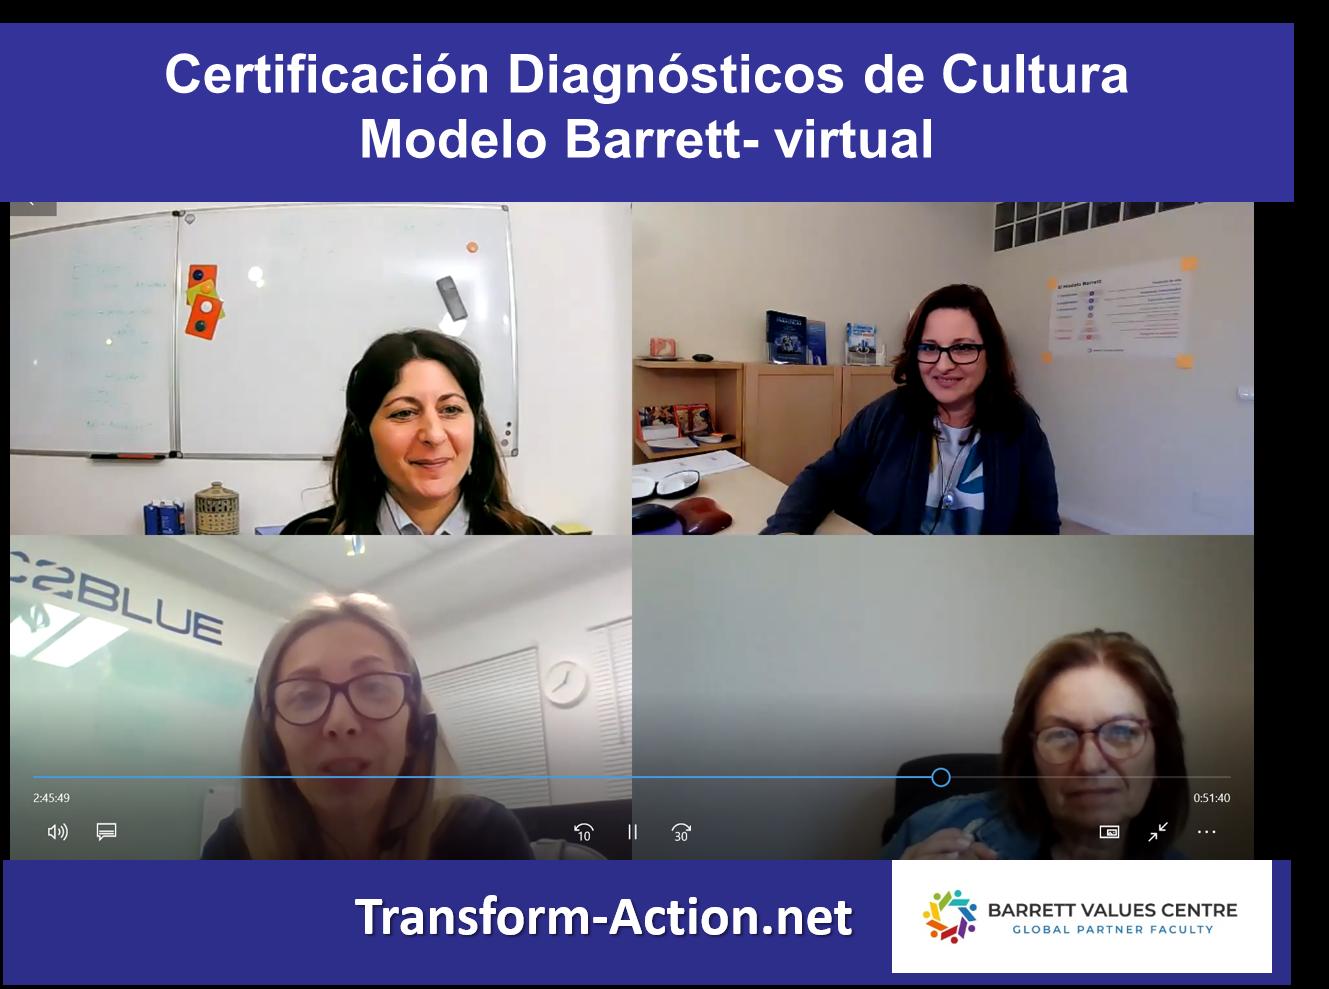 Más Certificados en Diagnósticos de Cultura Modelo Barrett